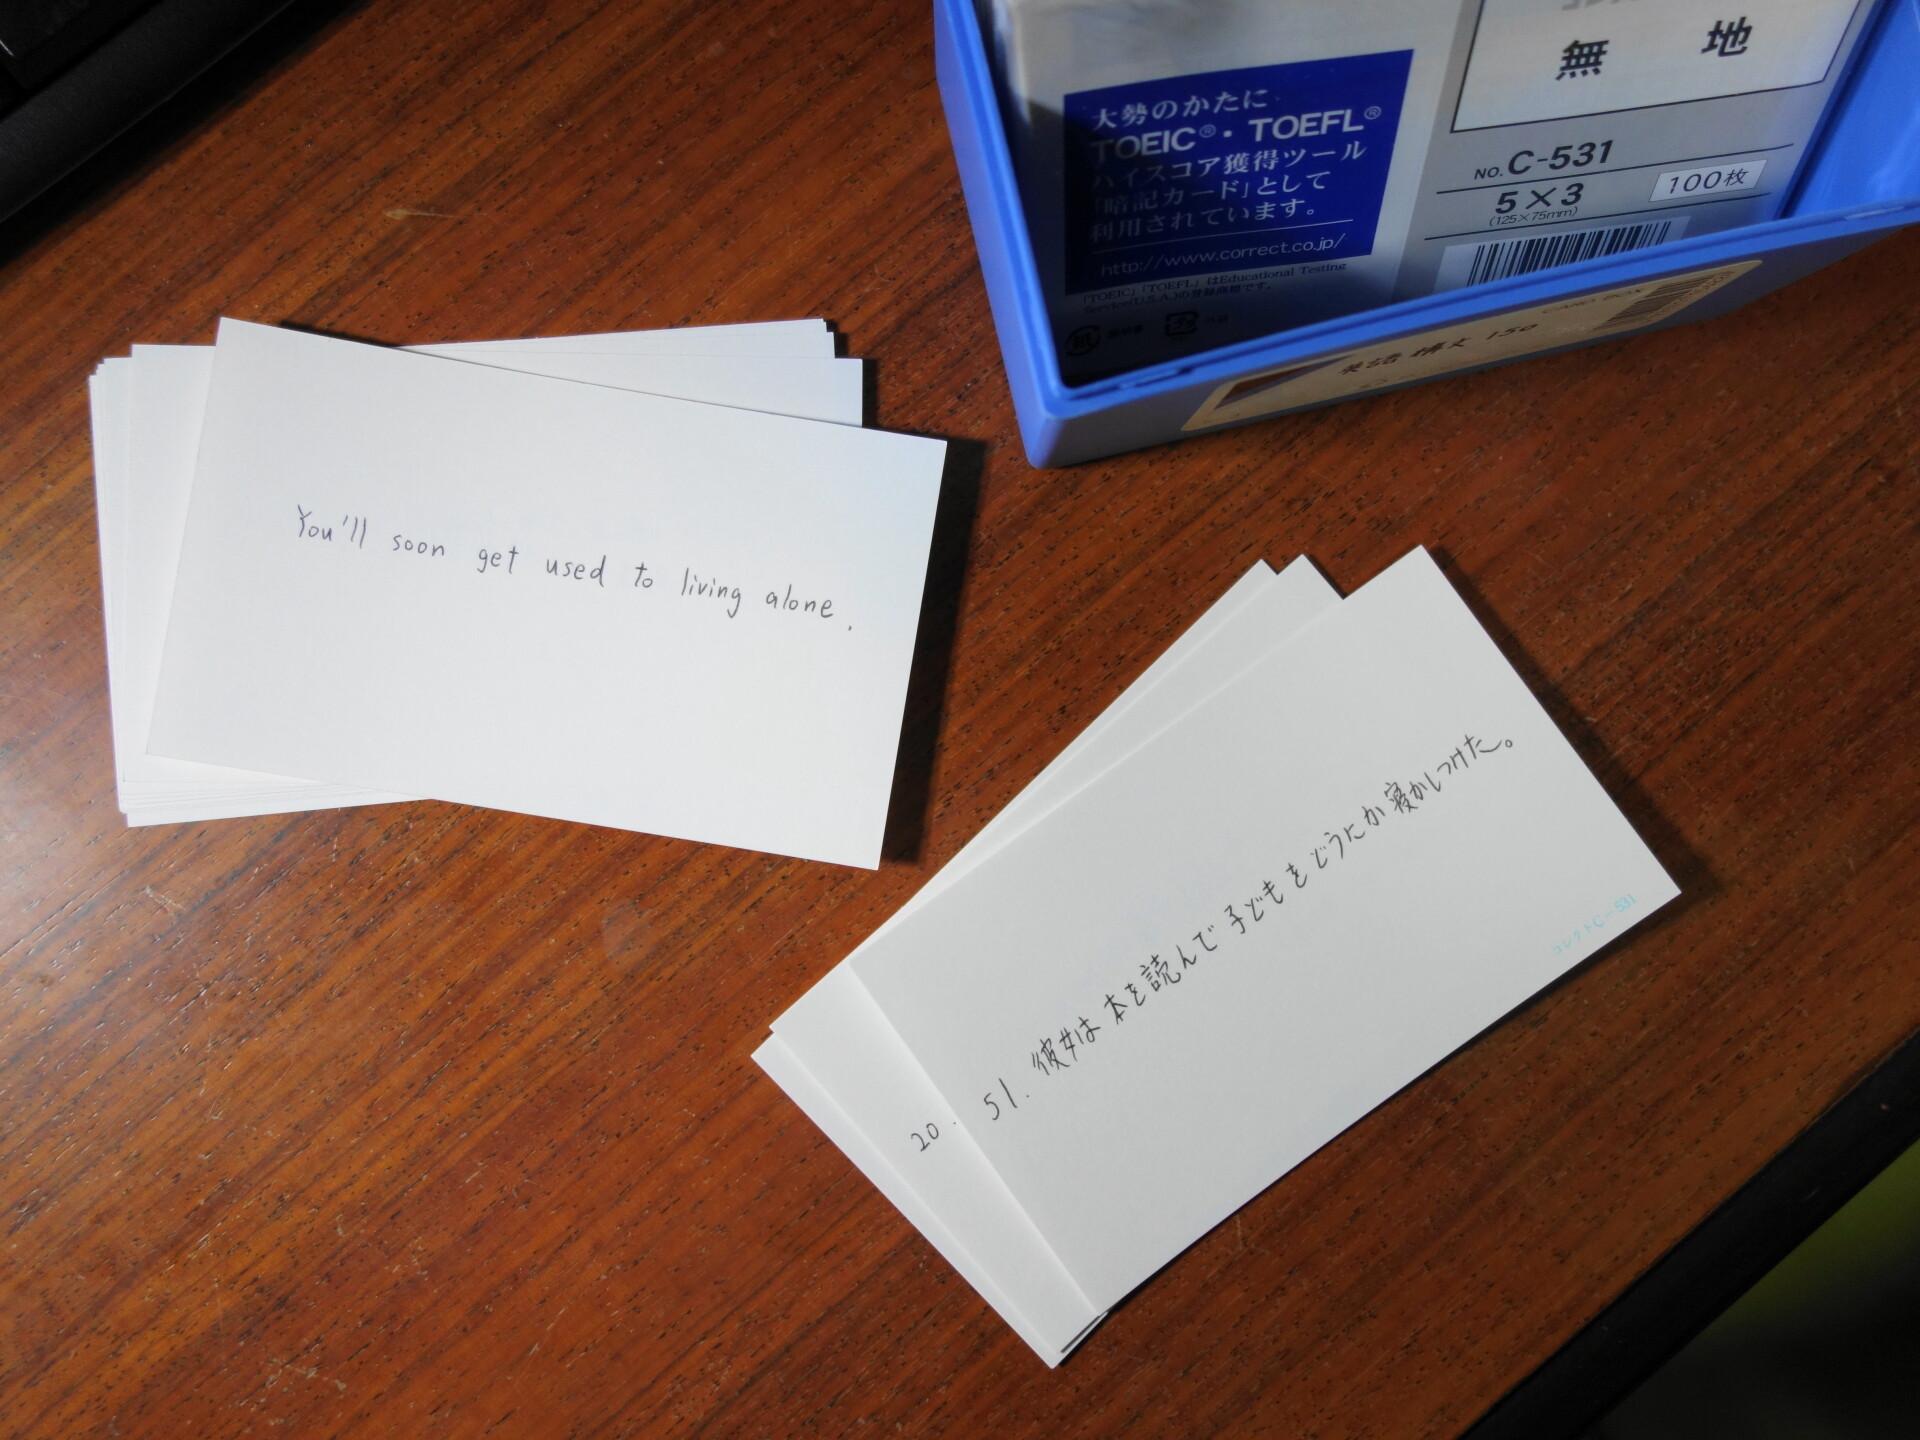 情報カードと英文